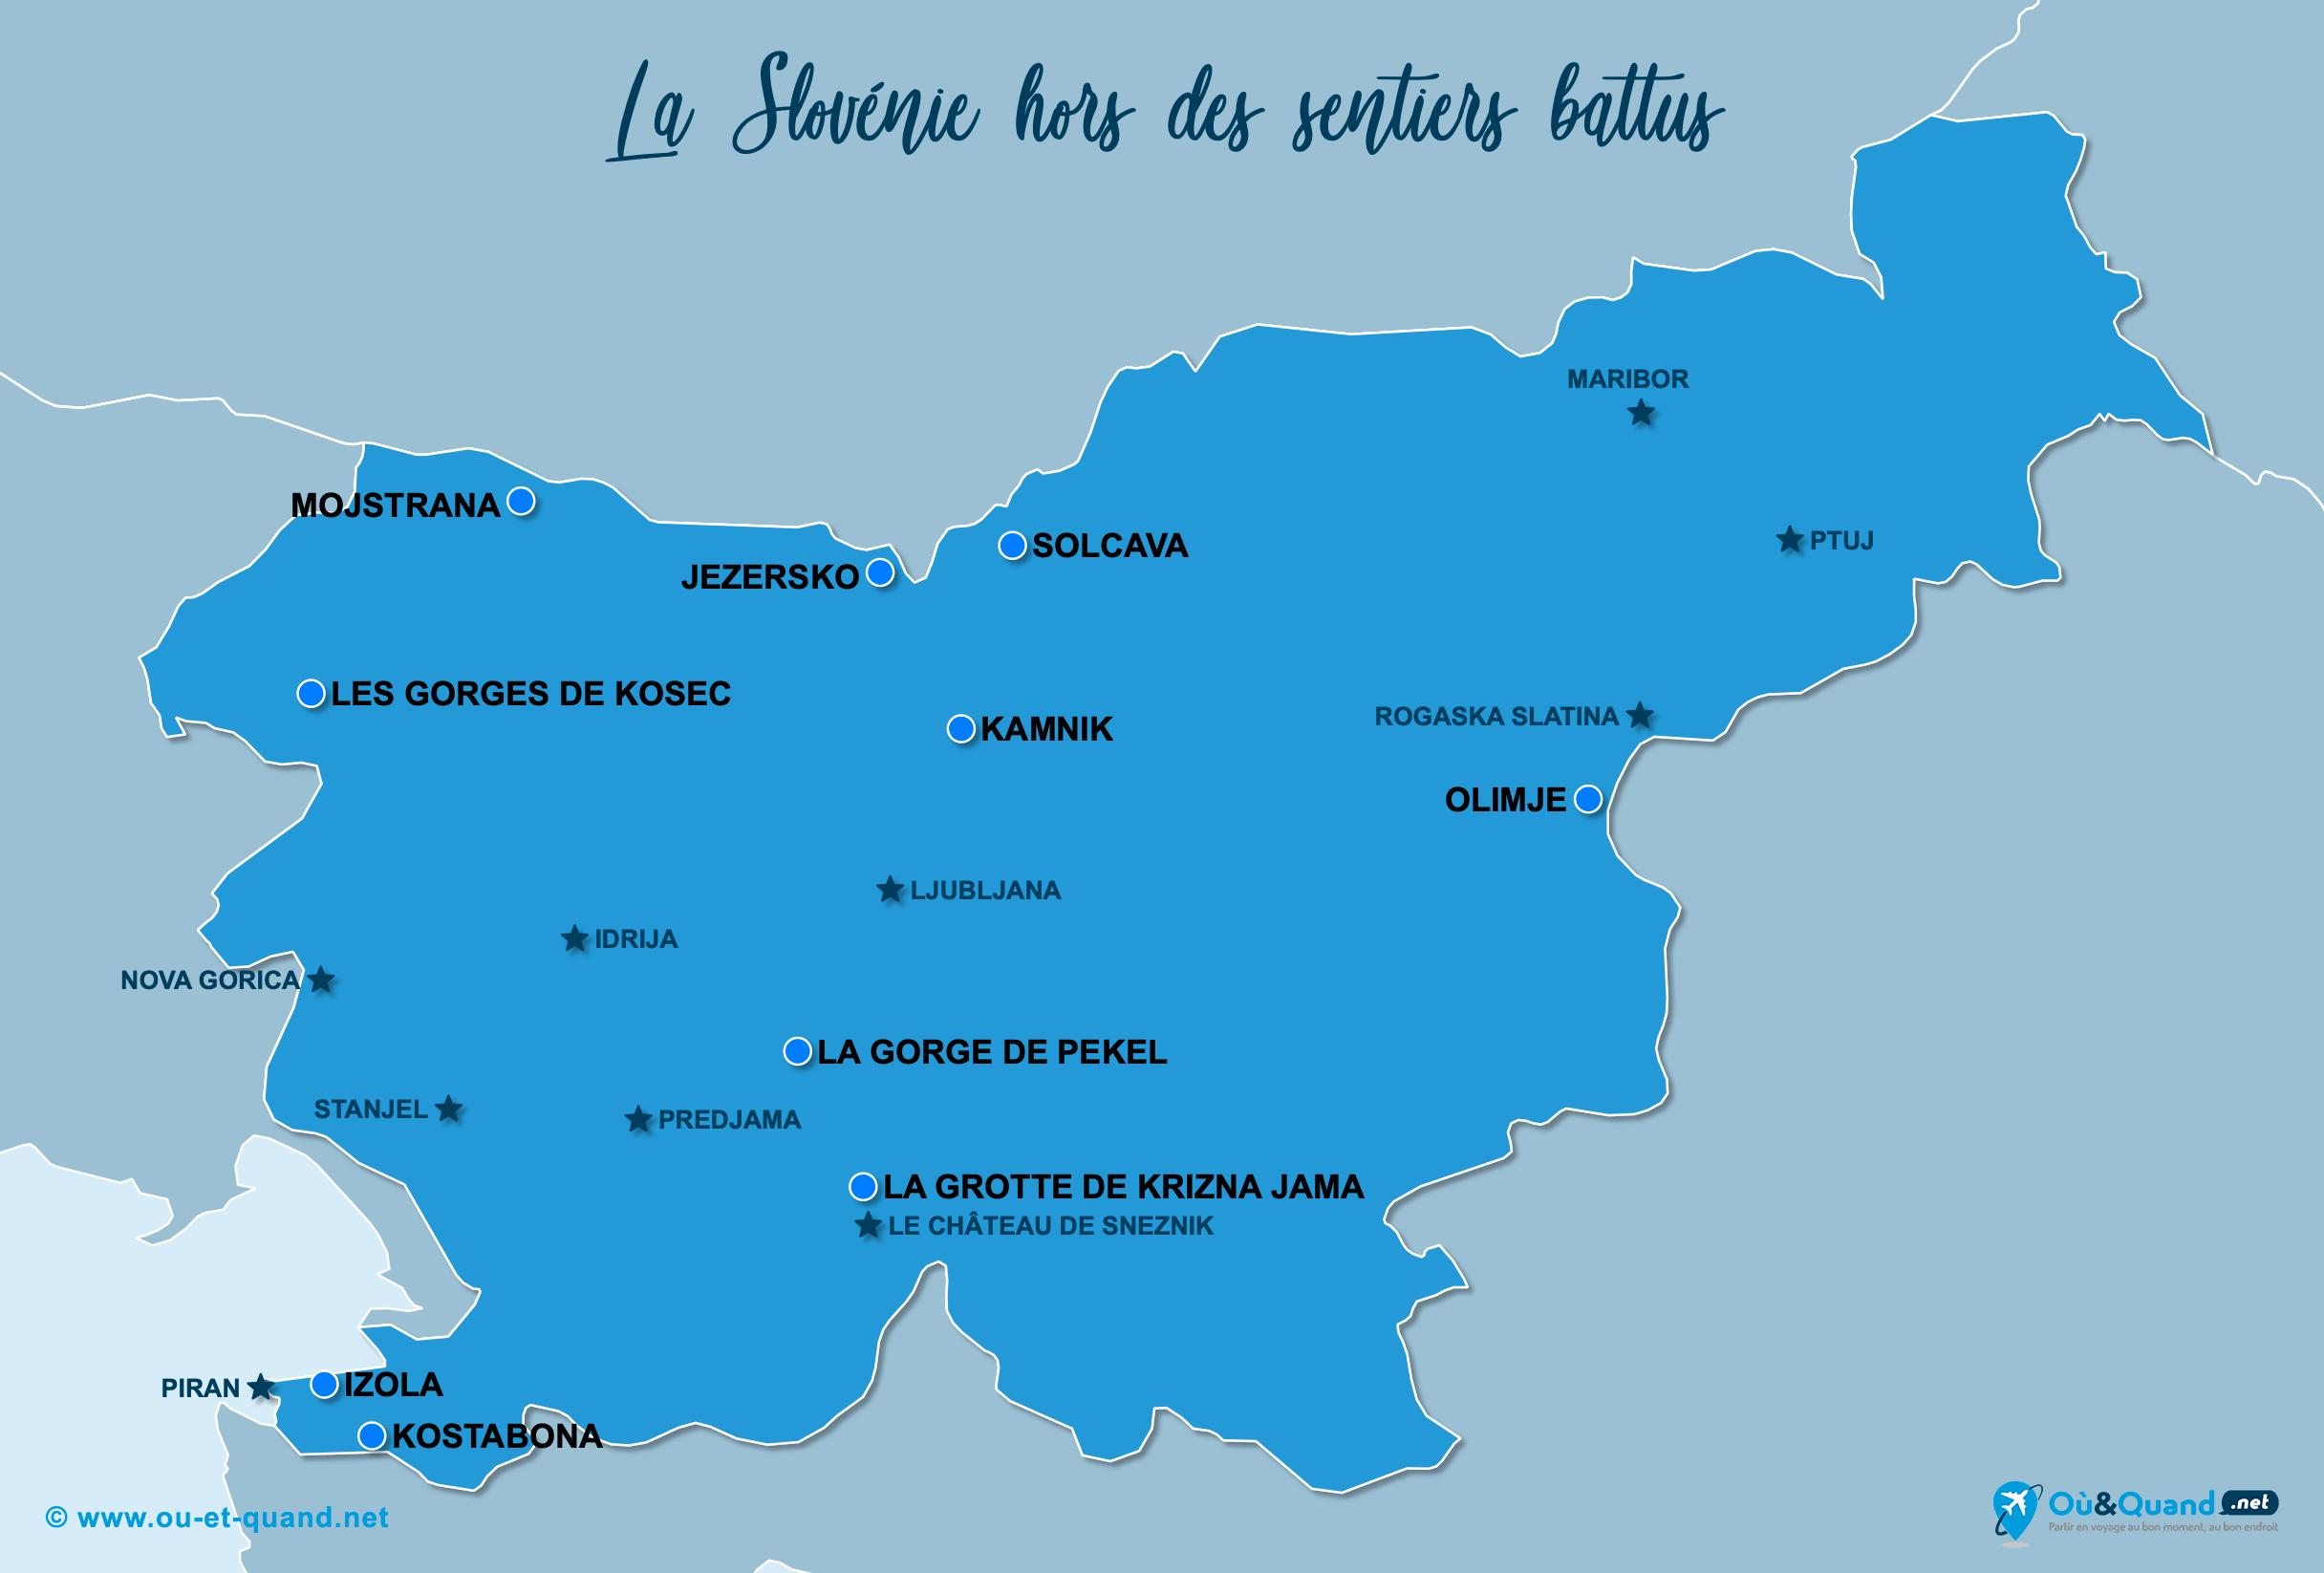 Carte Slovénie : La Slovénie hors des sentiers battus